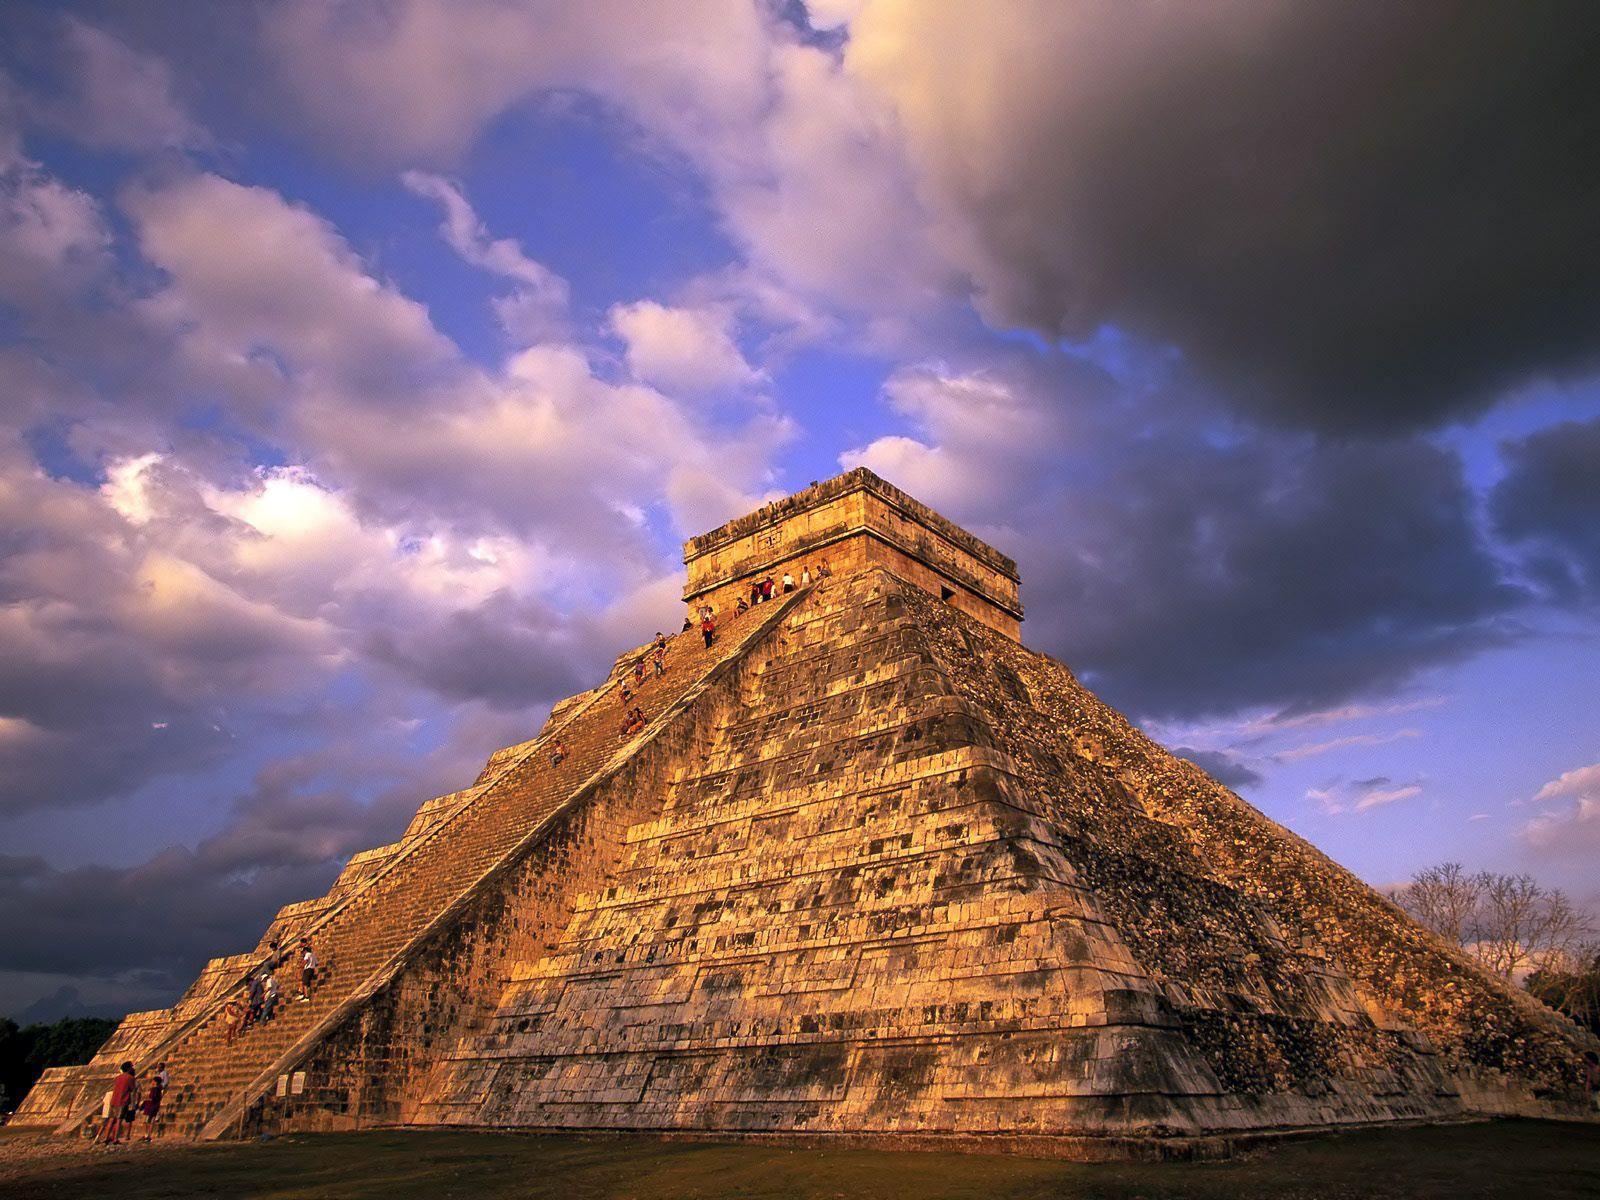 Mexico Mayan Pyramid hd Wallpaper ;) happy Pinterest